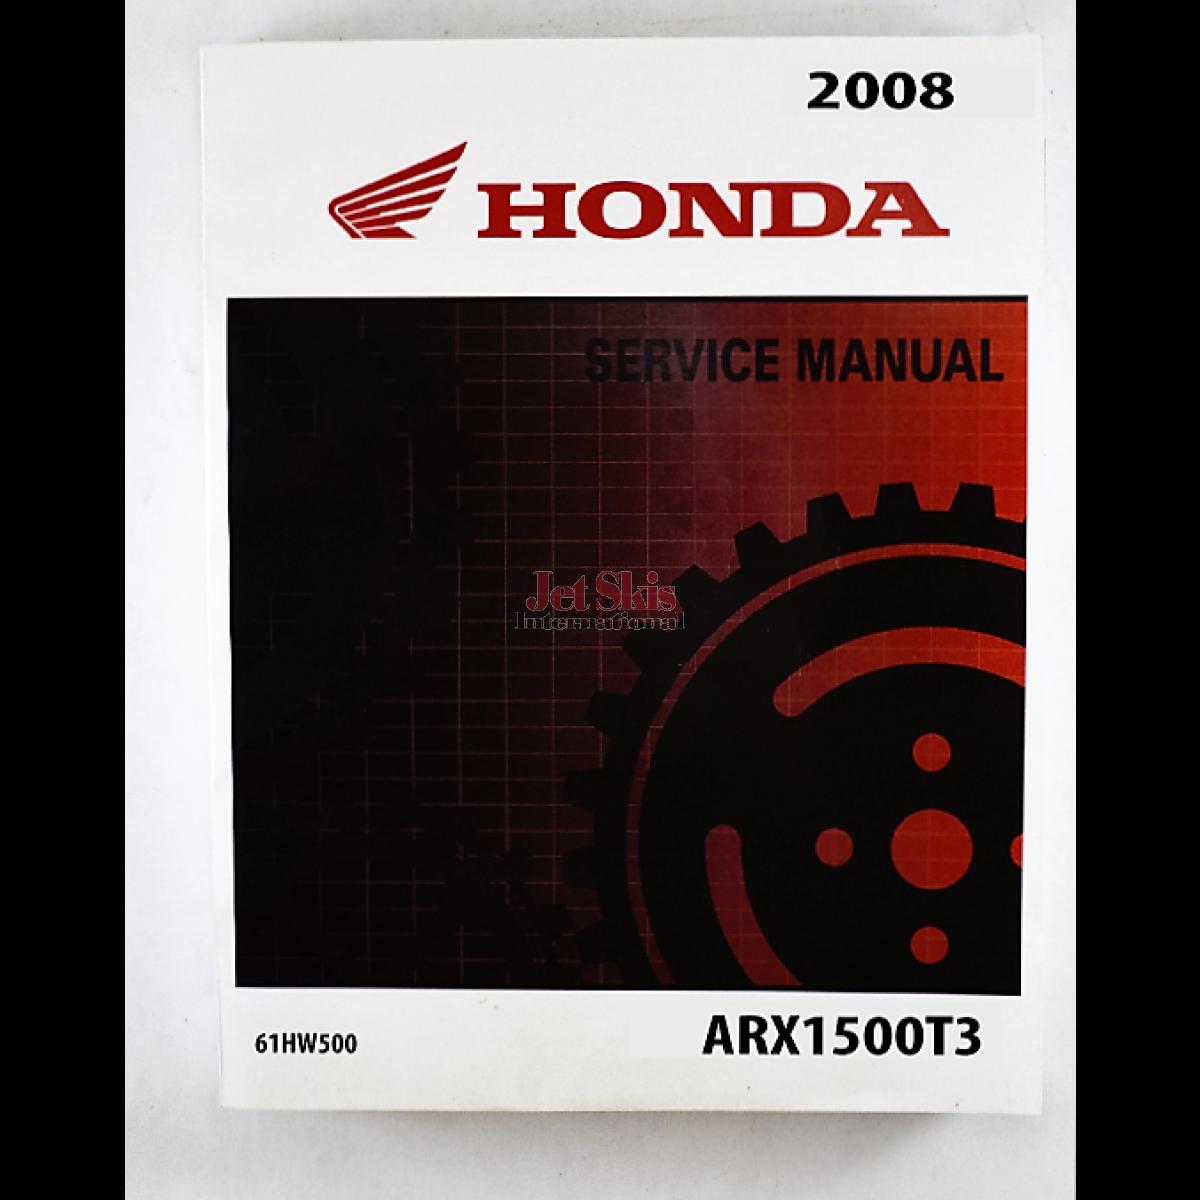 ... Honda Aquatrax Service Manual '08 F15X. 2008 F15X Service, Repair, and  Shop Manual 61HW500